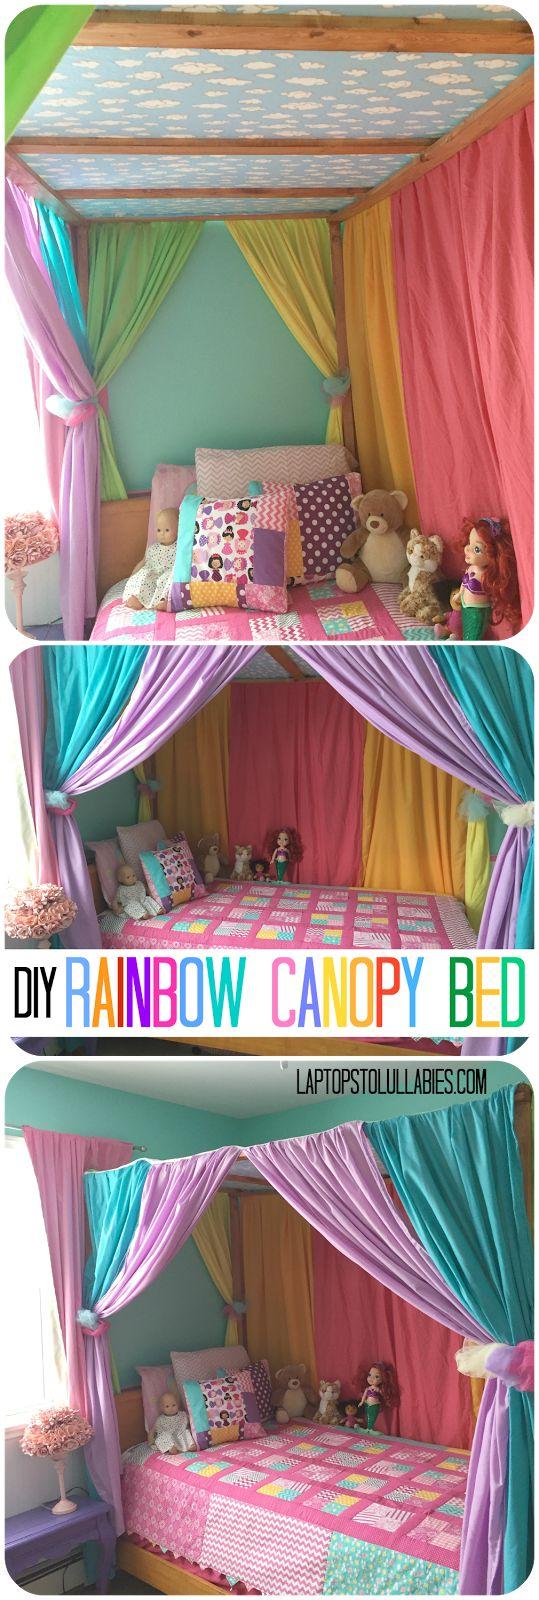 Charming Best 25+ Rainbow Bedroom Ideas On Pinterest | Rainbow Room, Rainbow Girls  Bedroom And Rainbow Room Kids